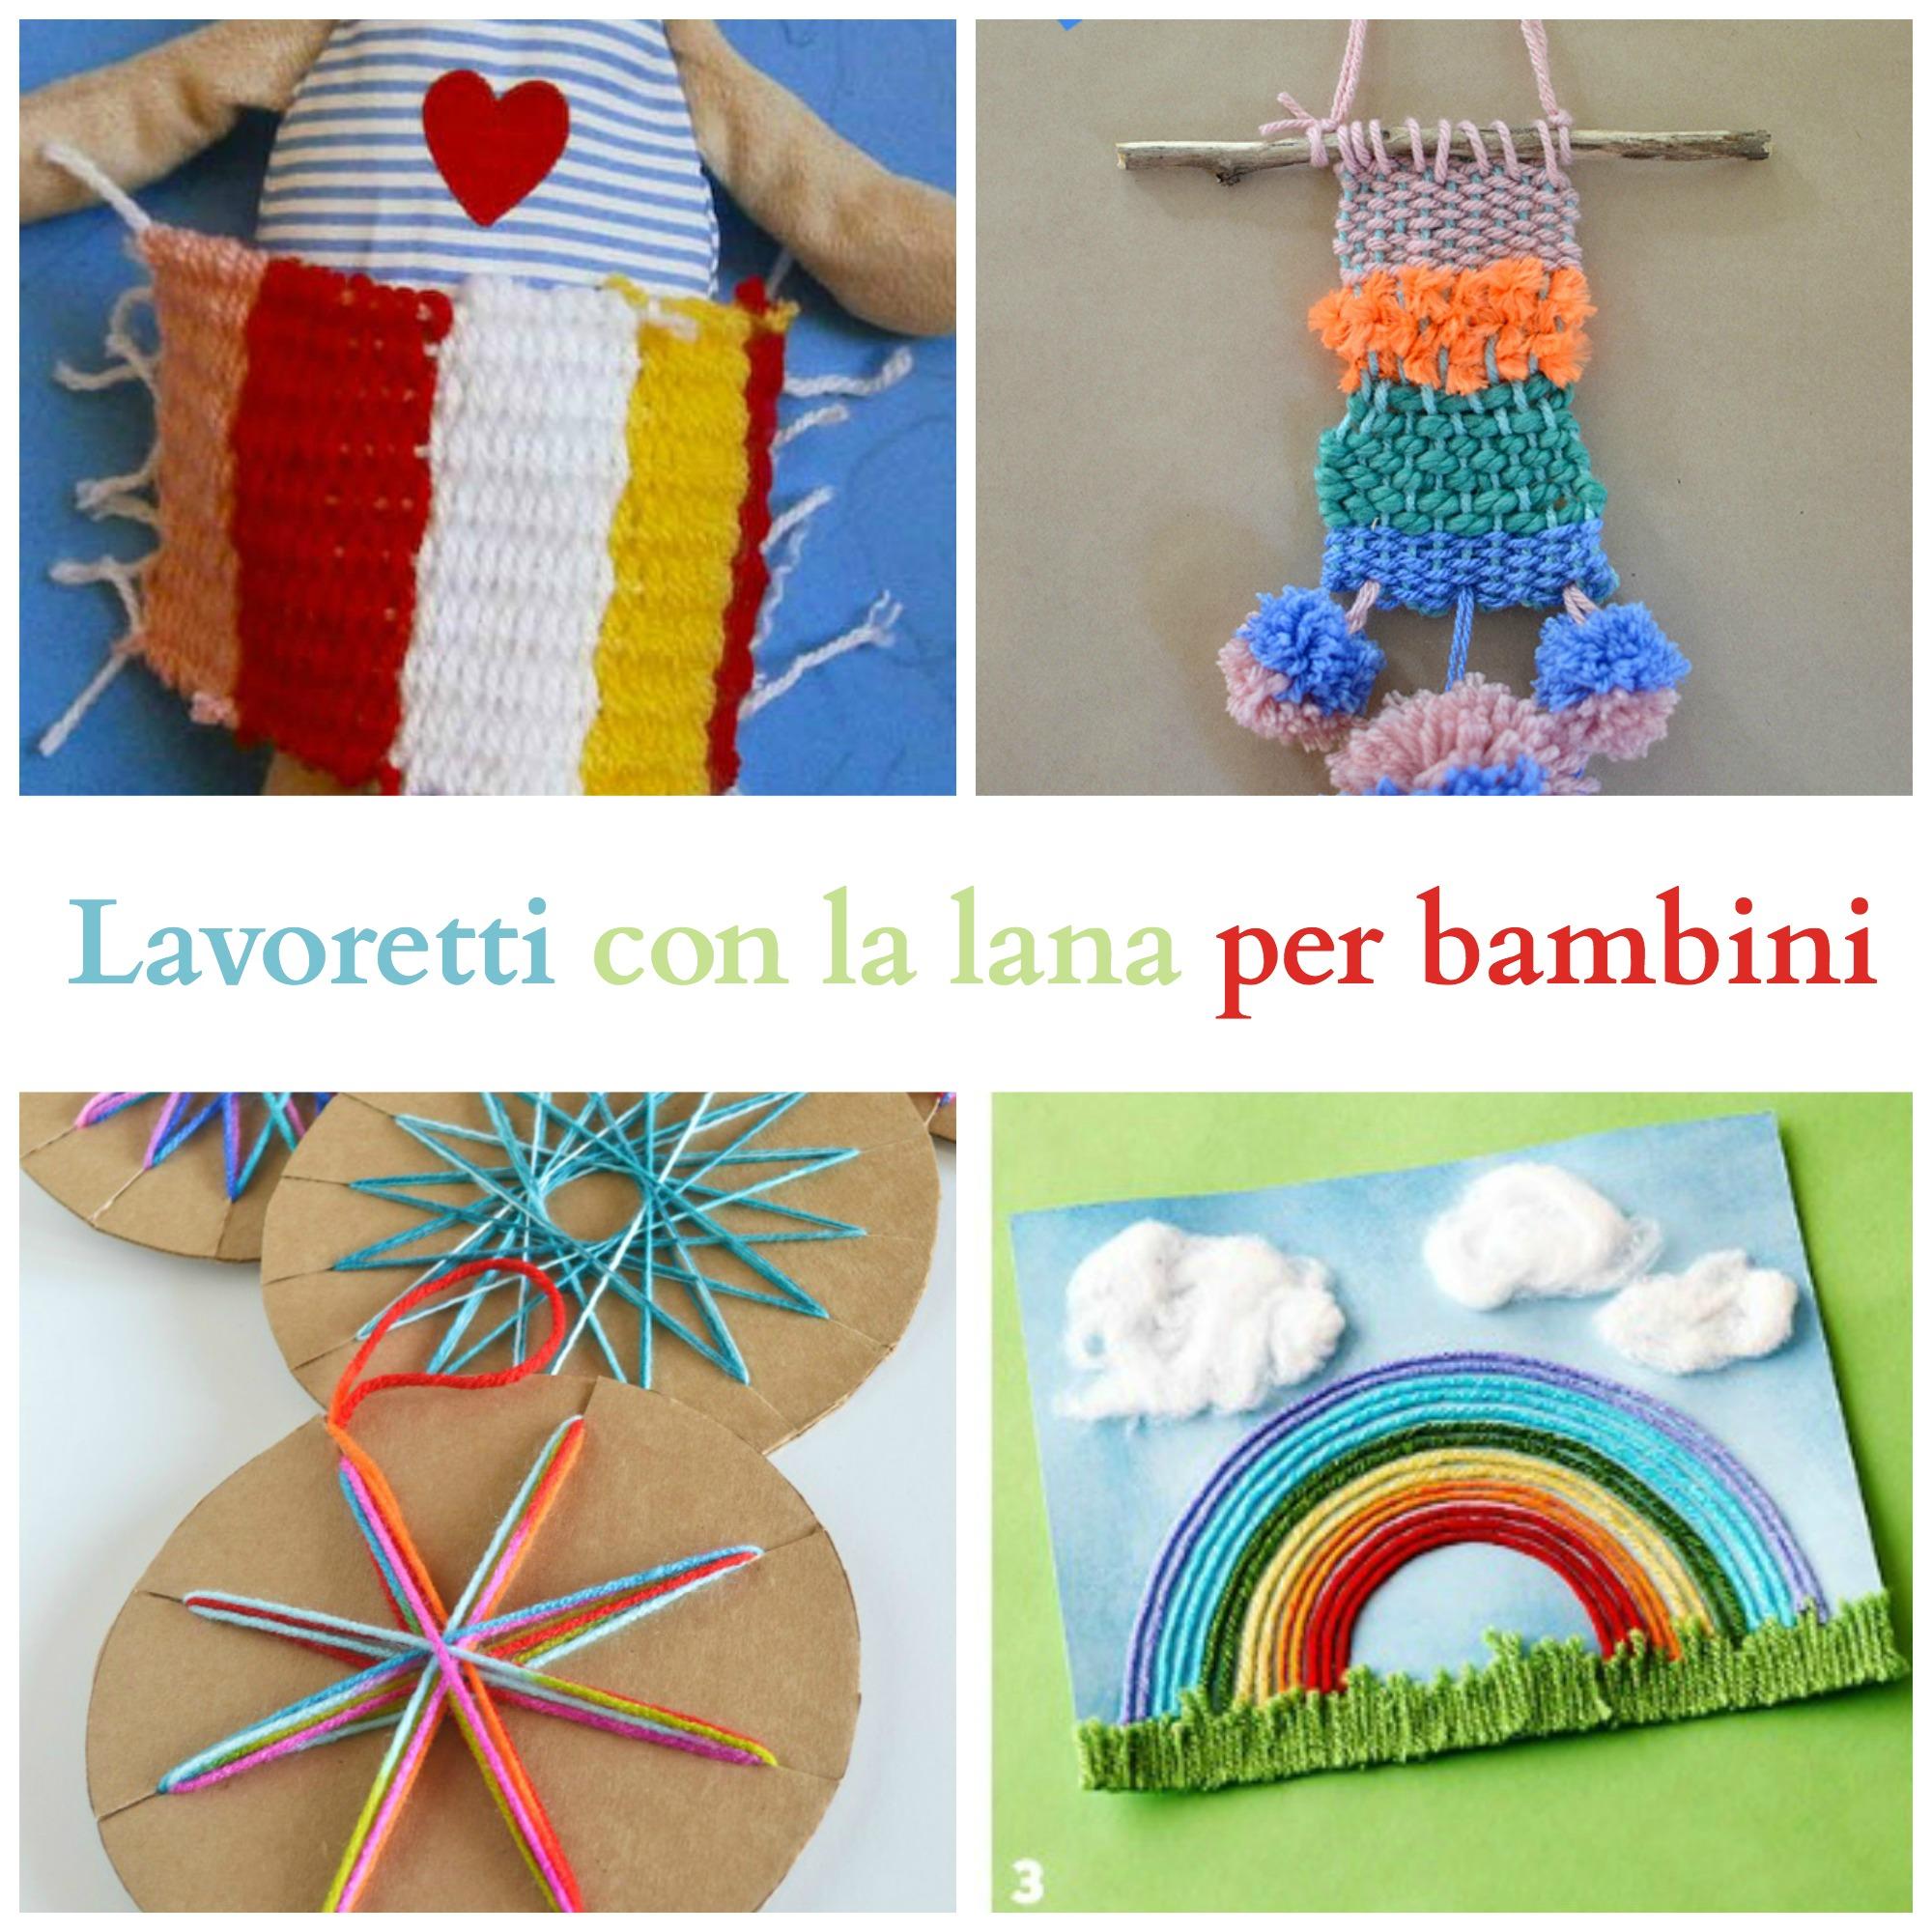 Amato Lavoretti con la lana per bambini - BabyGreen DE81